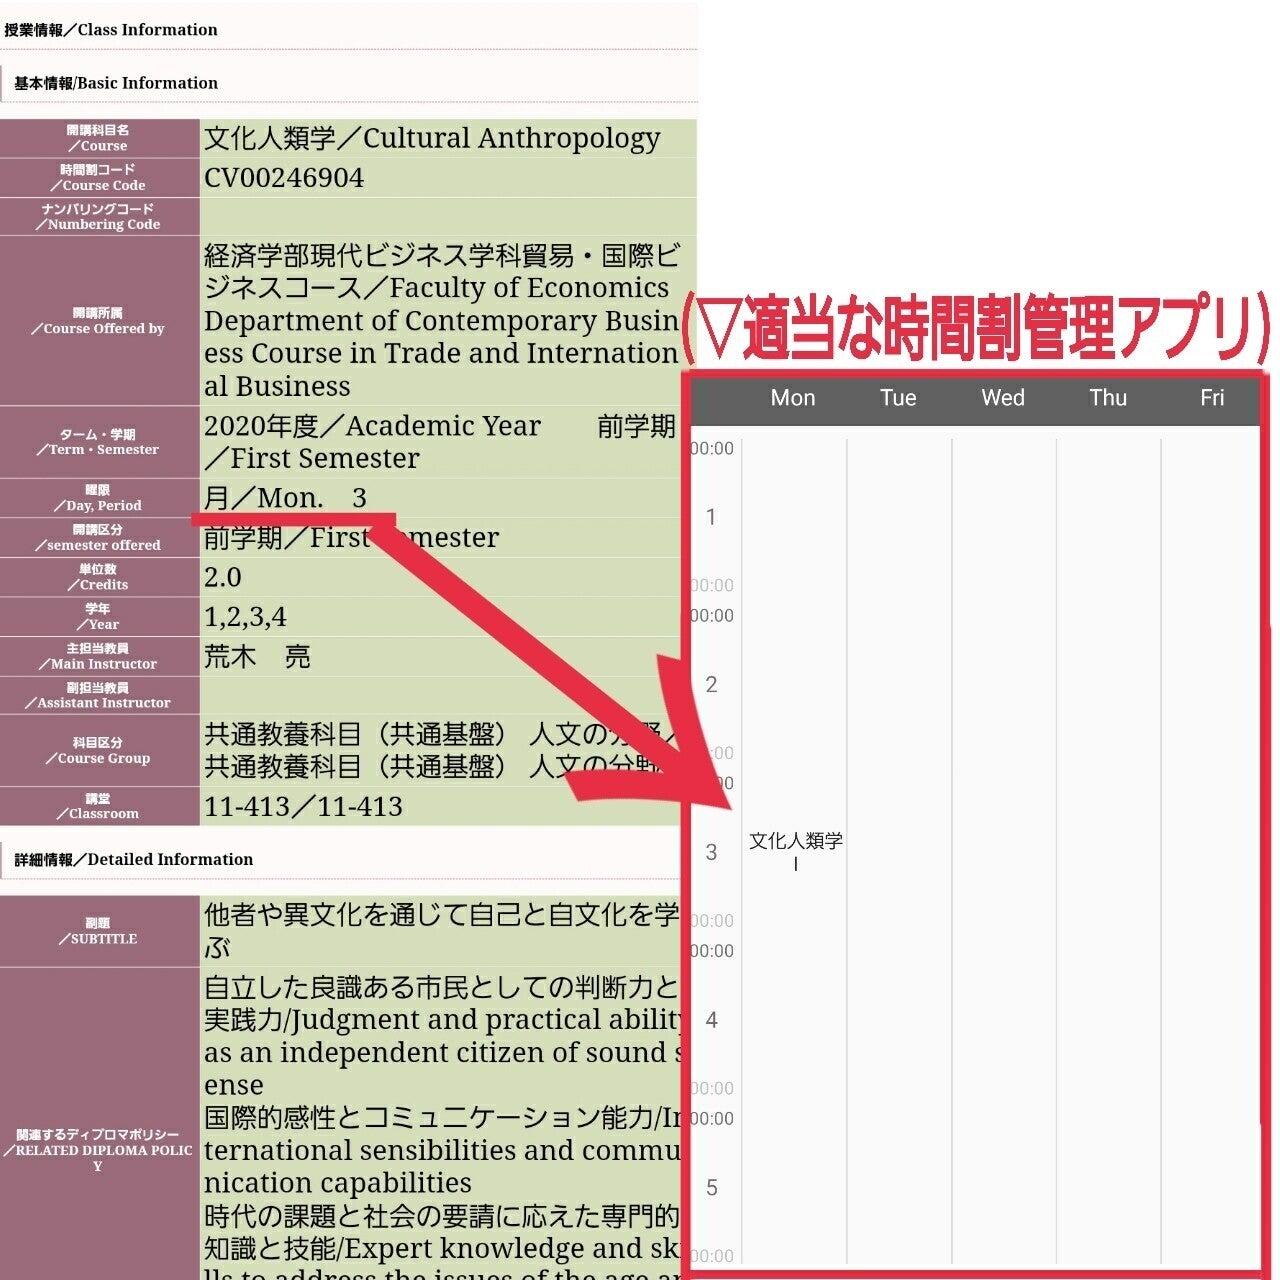 登録 神奈川 大学 履修 【1年生必見!】履修を決めるときに意識したい授業の選び方